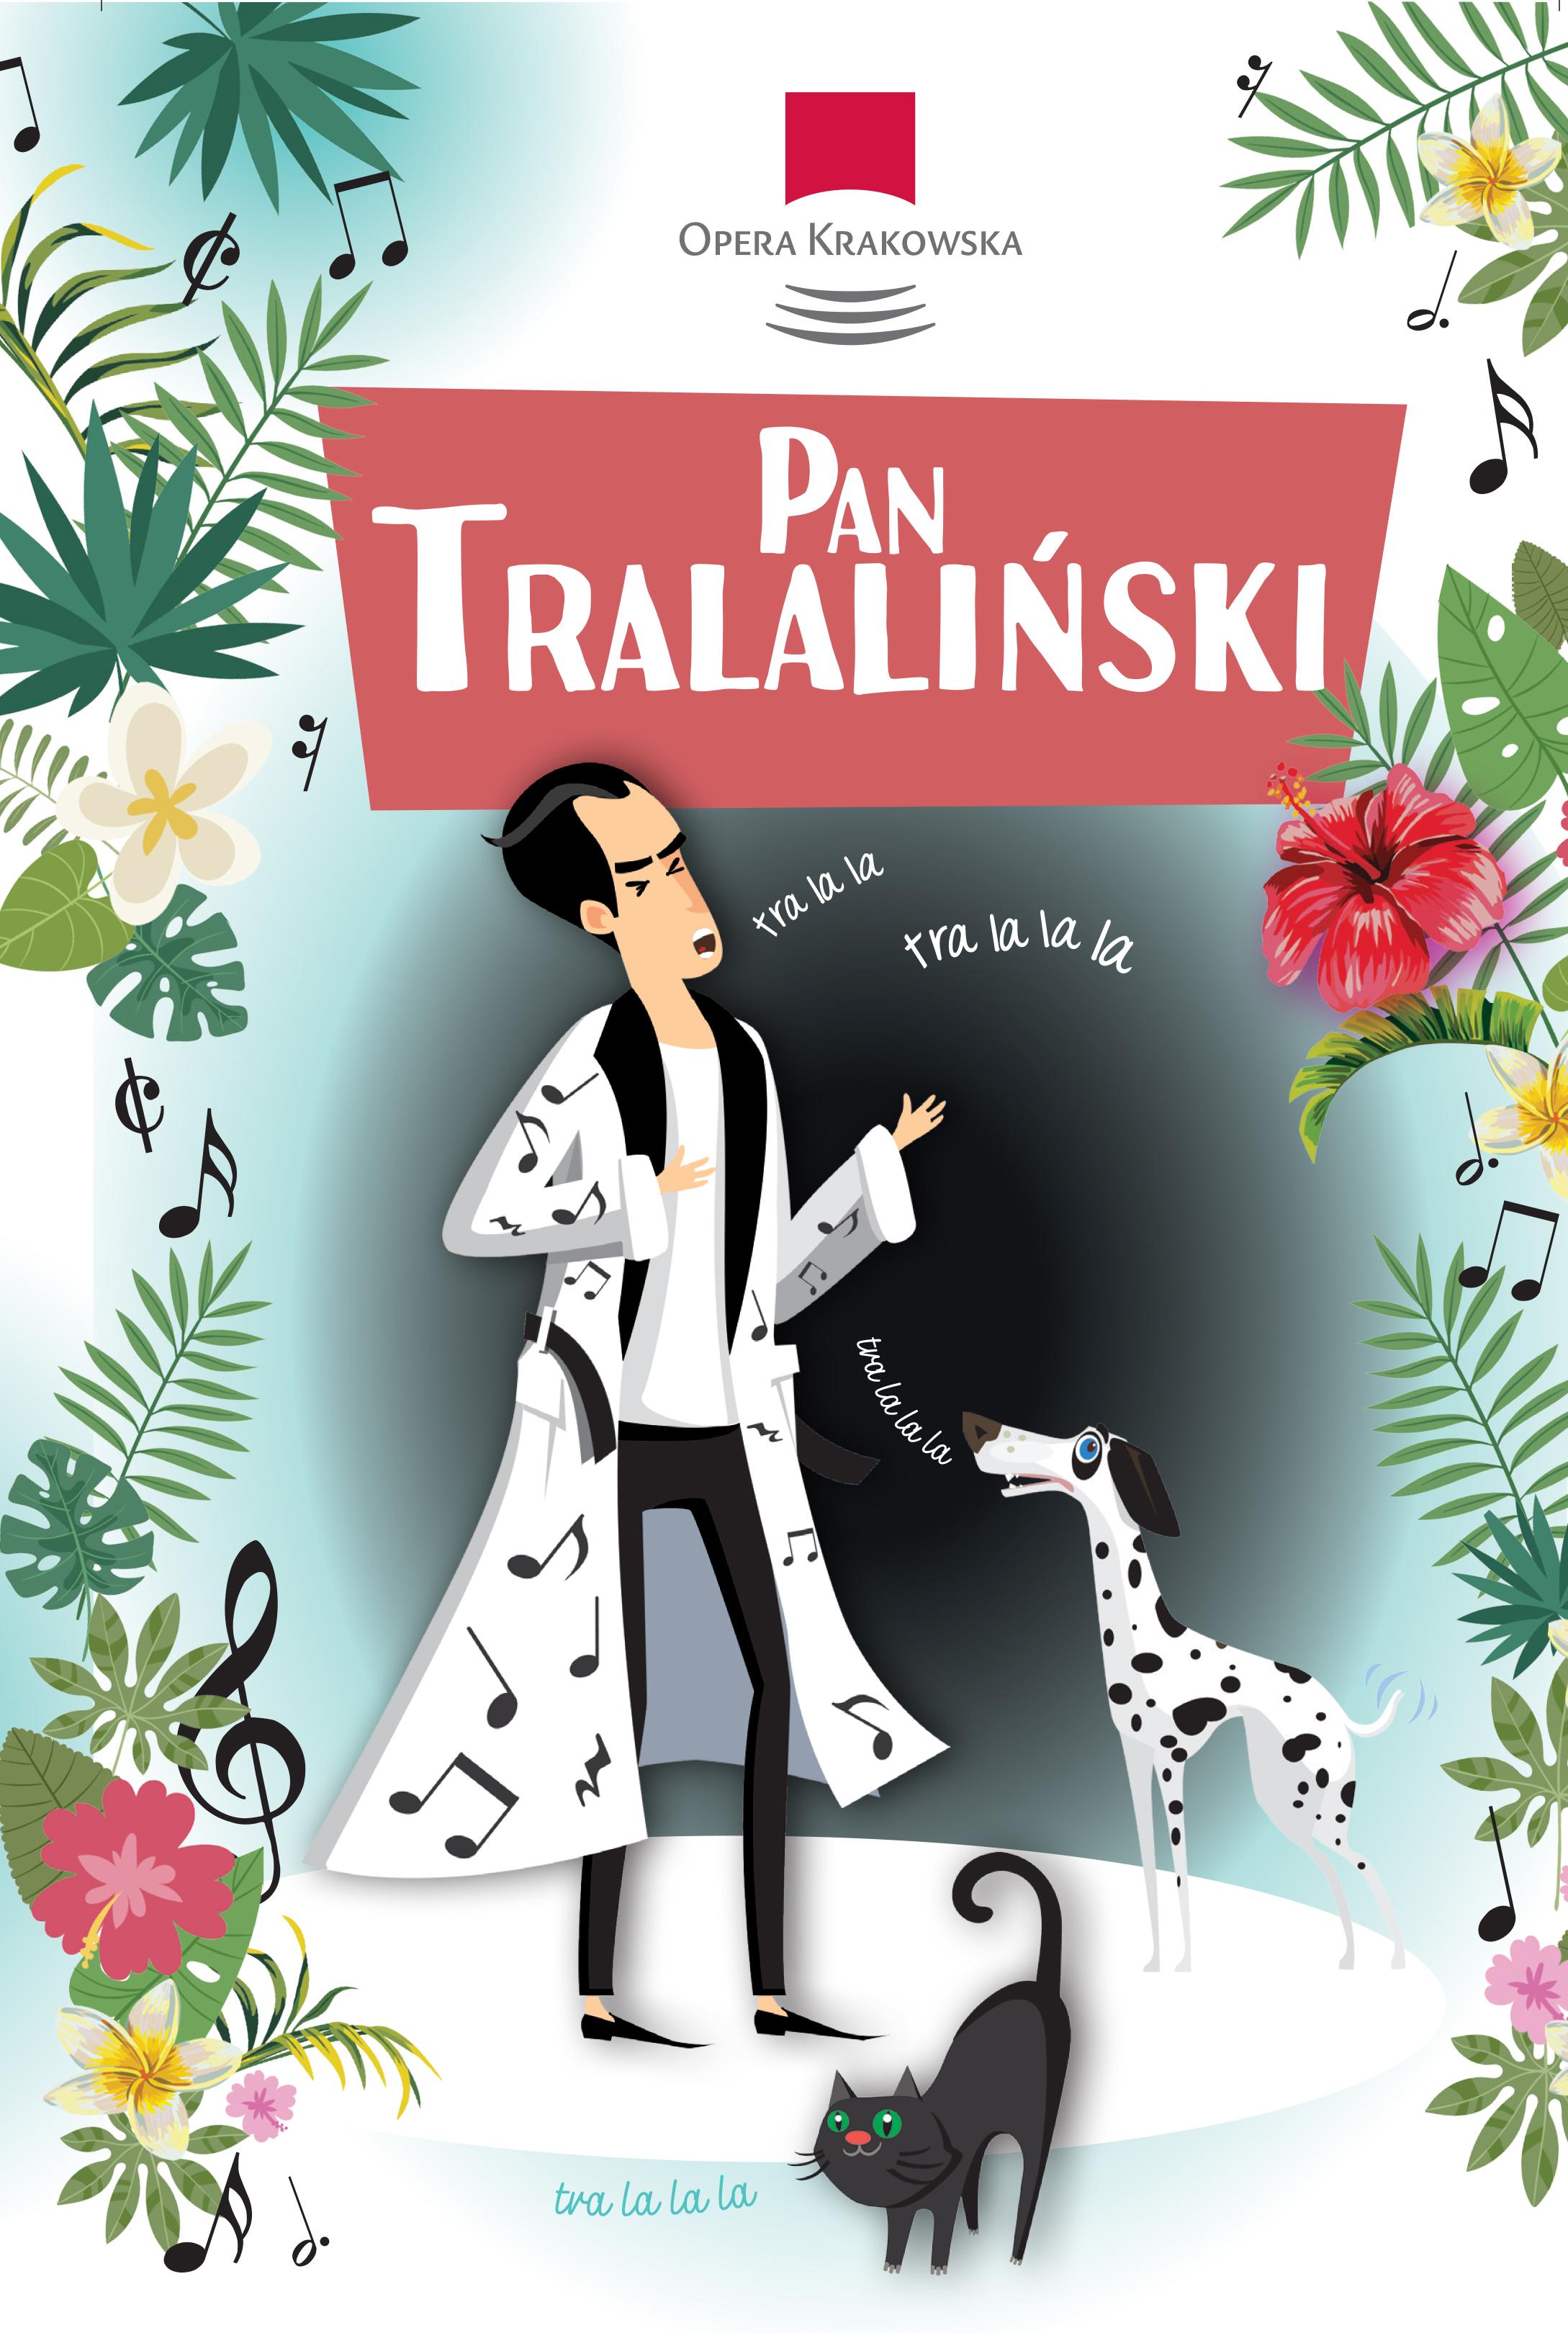 Spektakl dla dzieci Pan Tralaliński w Operze Krakowskiej!